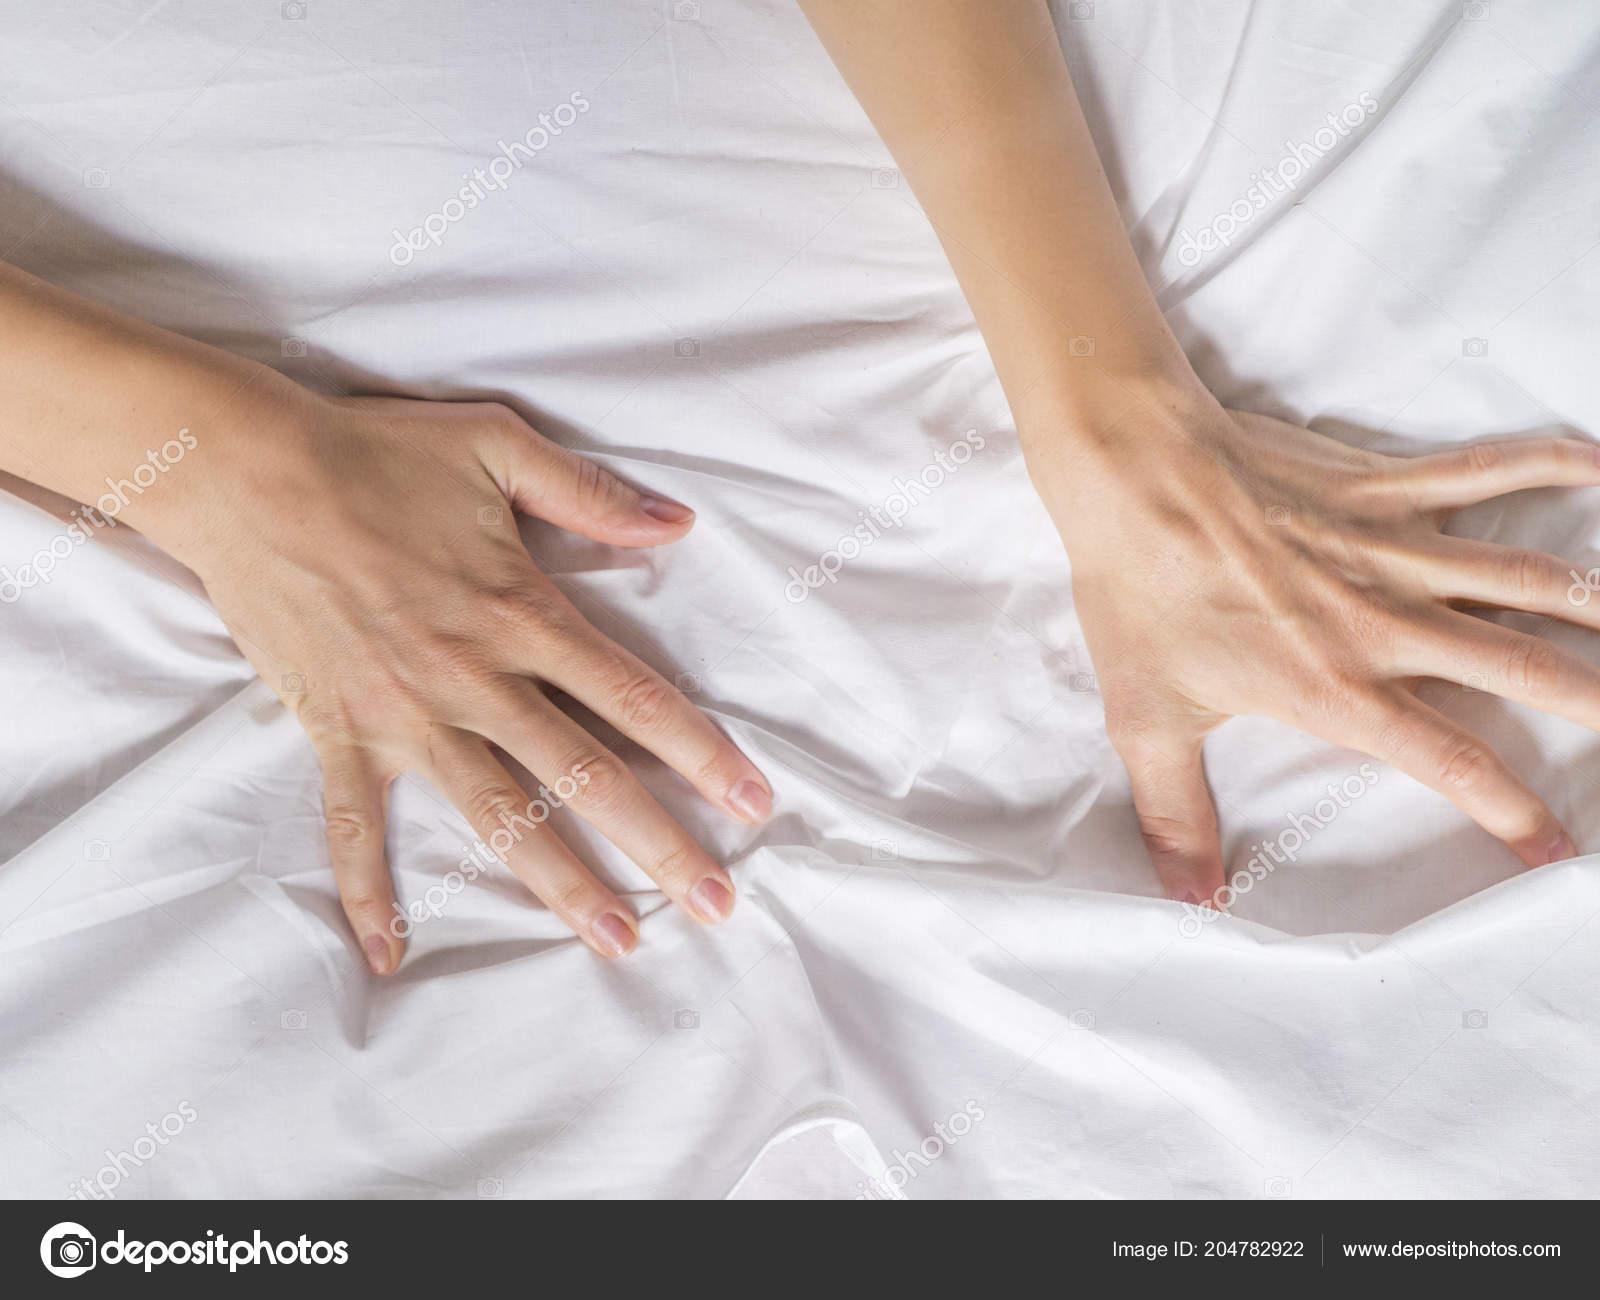 Оргазм от рук женщины